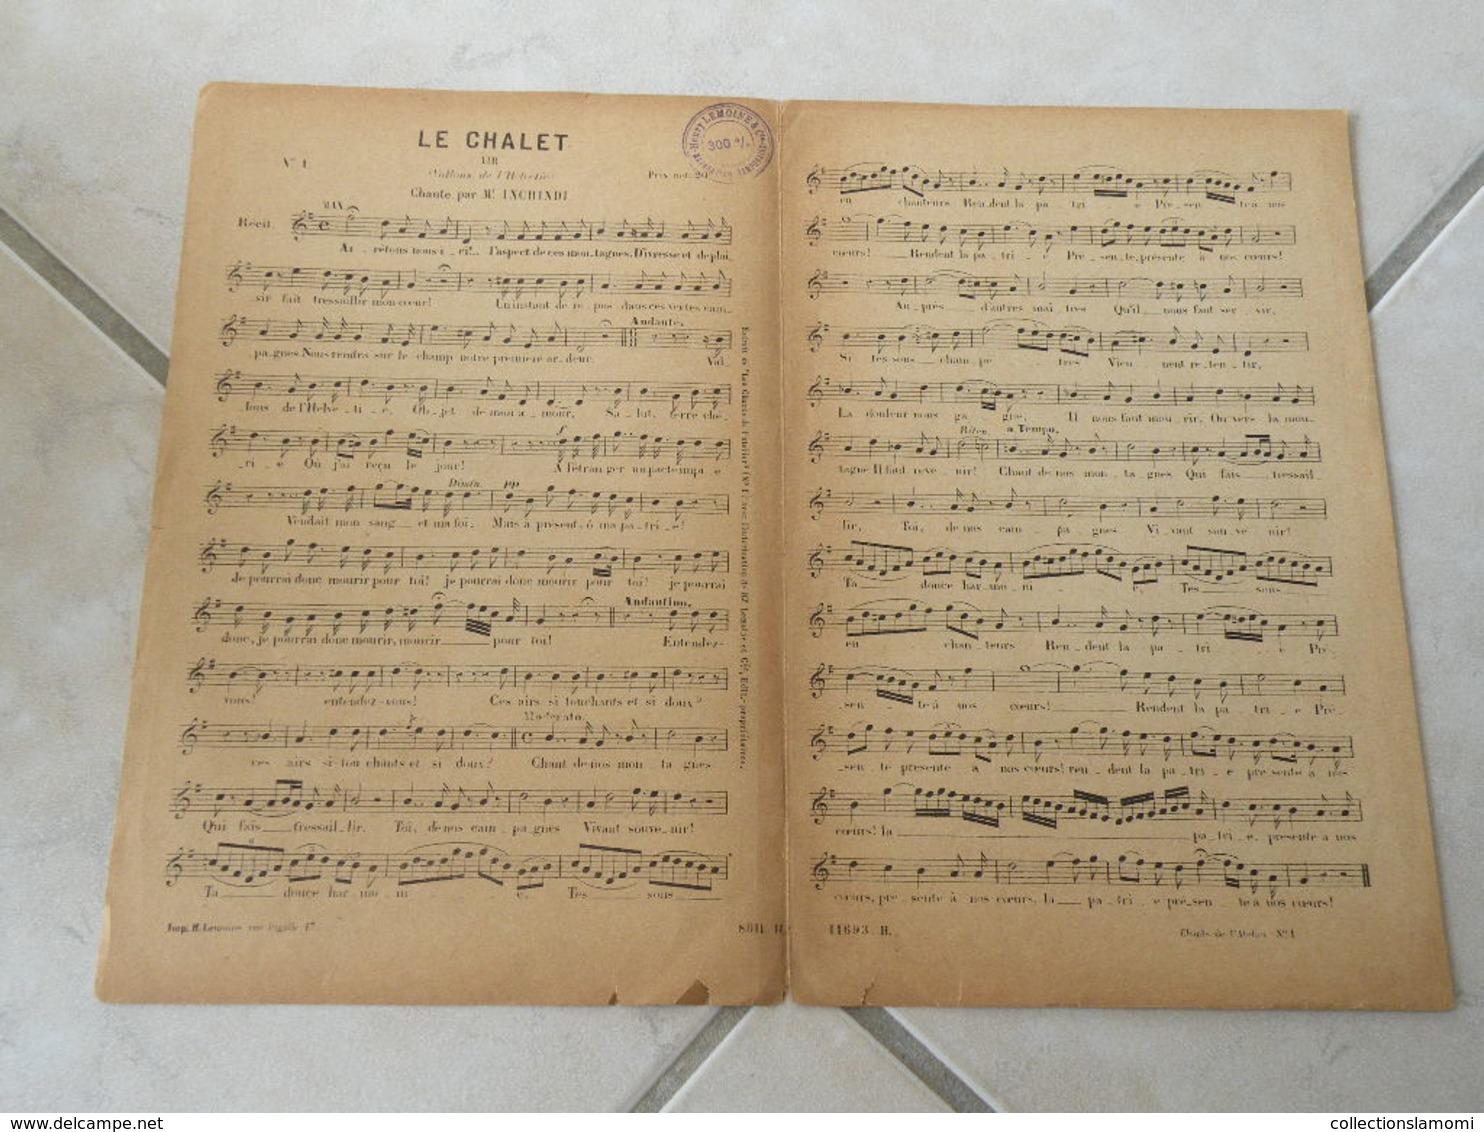 Le Chalet (Chanté Par Mr Inchindi-(Paroles )-(Musique C. Saint Saëns)Partition - Opéra